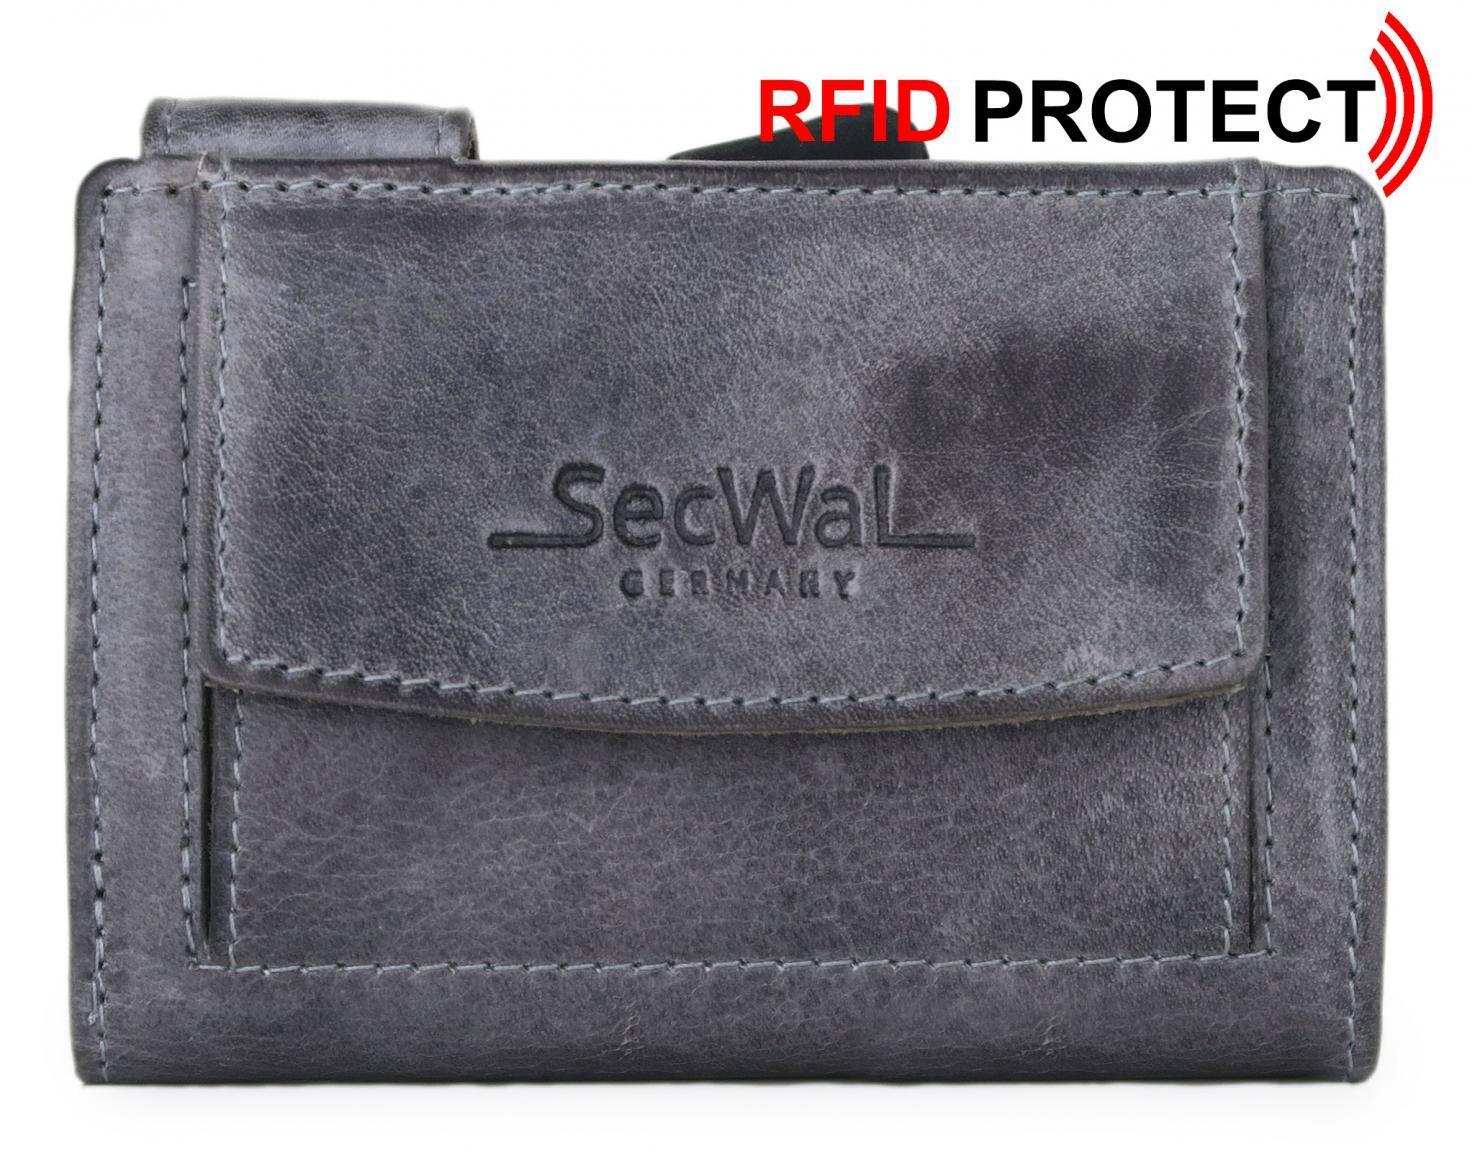 Geldbörse SecWal RFID-Schutzhülle Vintage grau Druckknopf